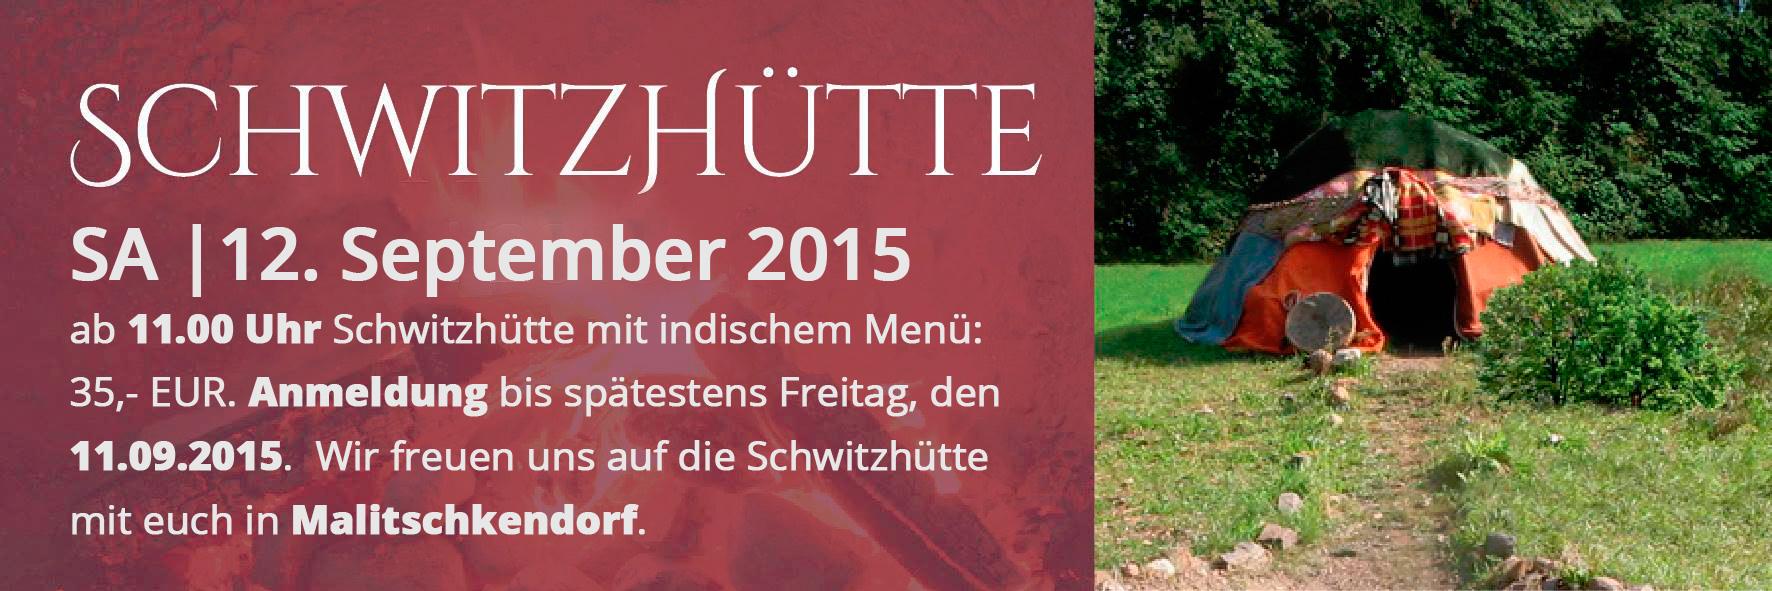 Schwitzhütte im September 2015